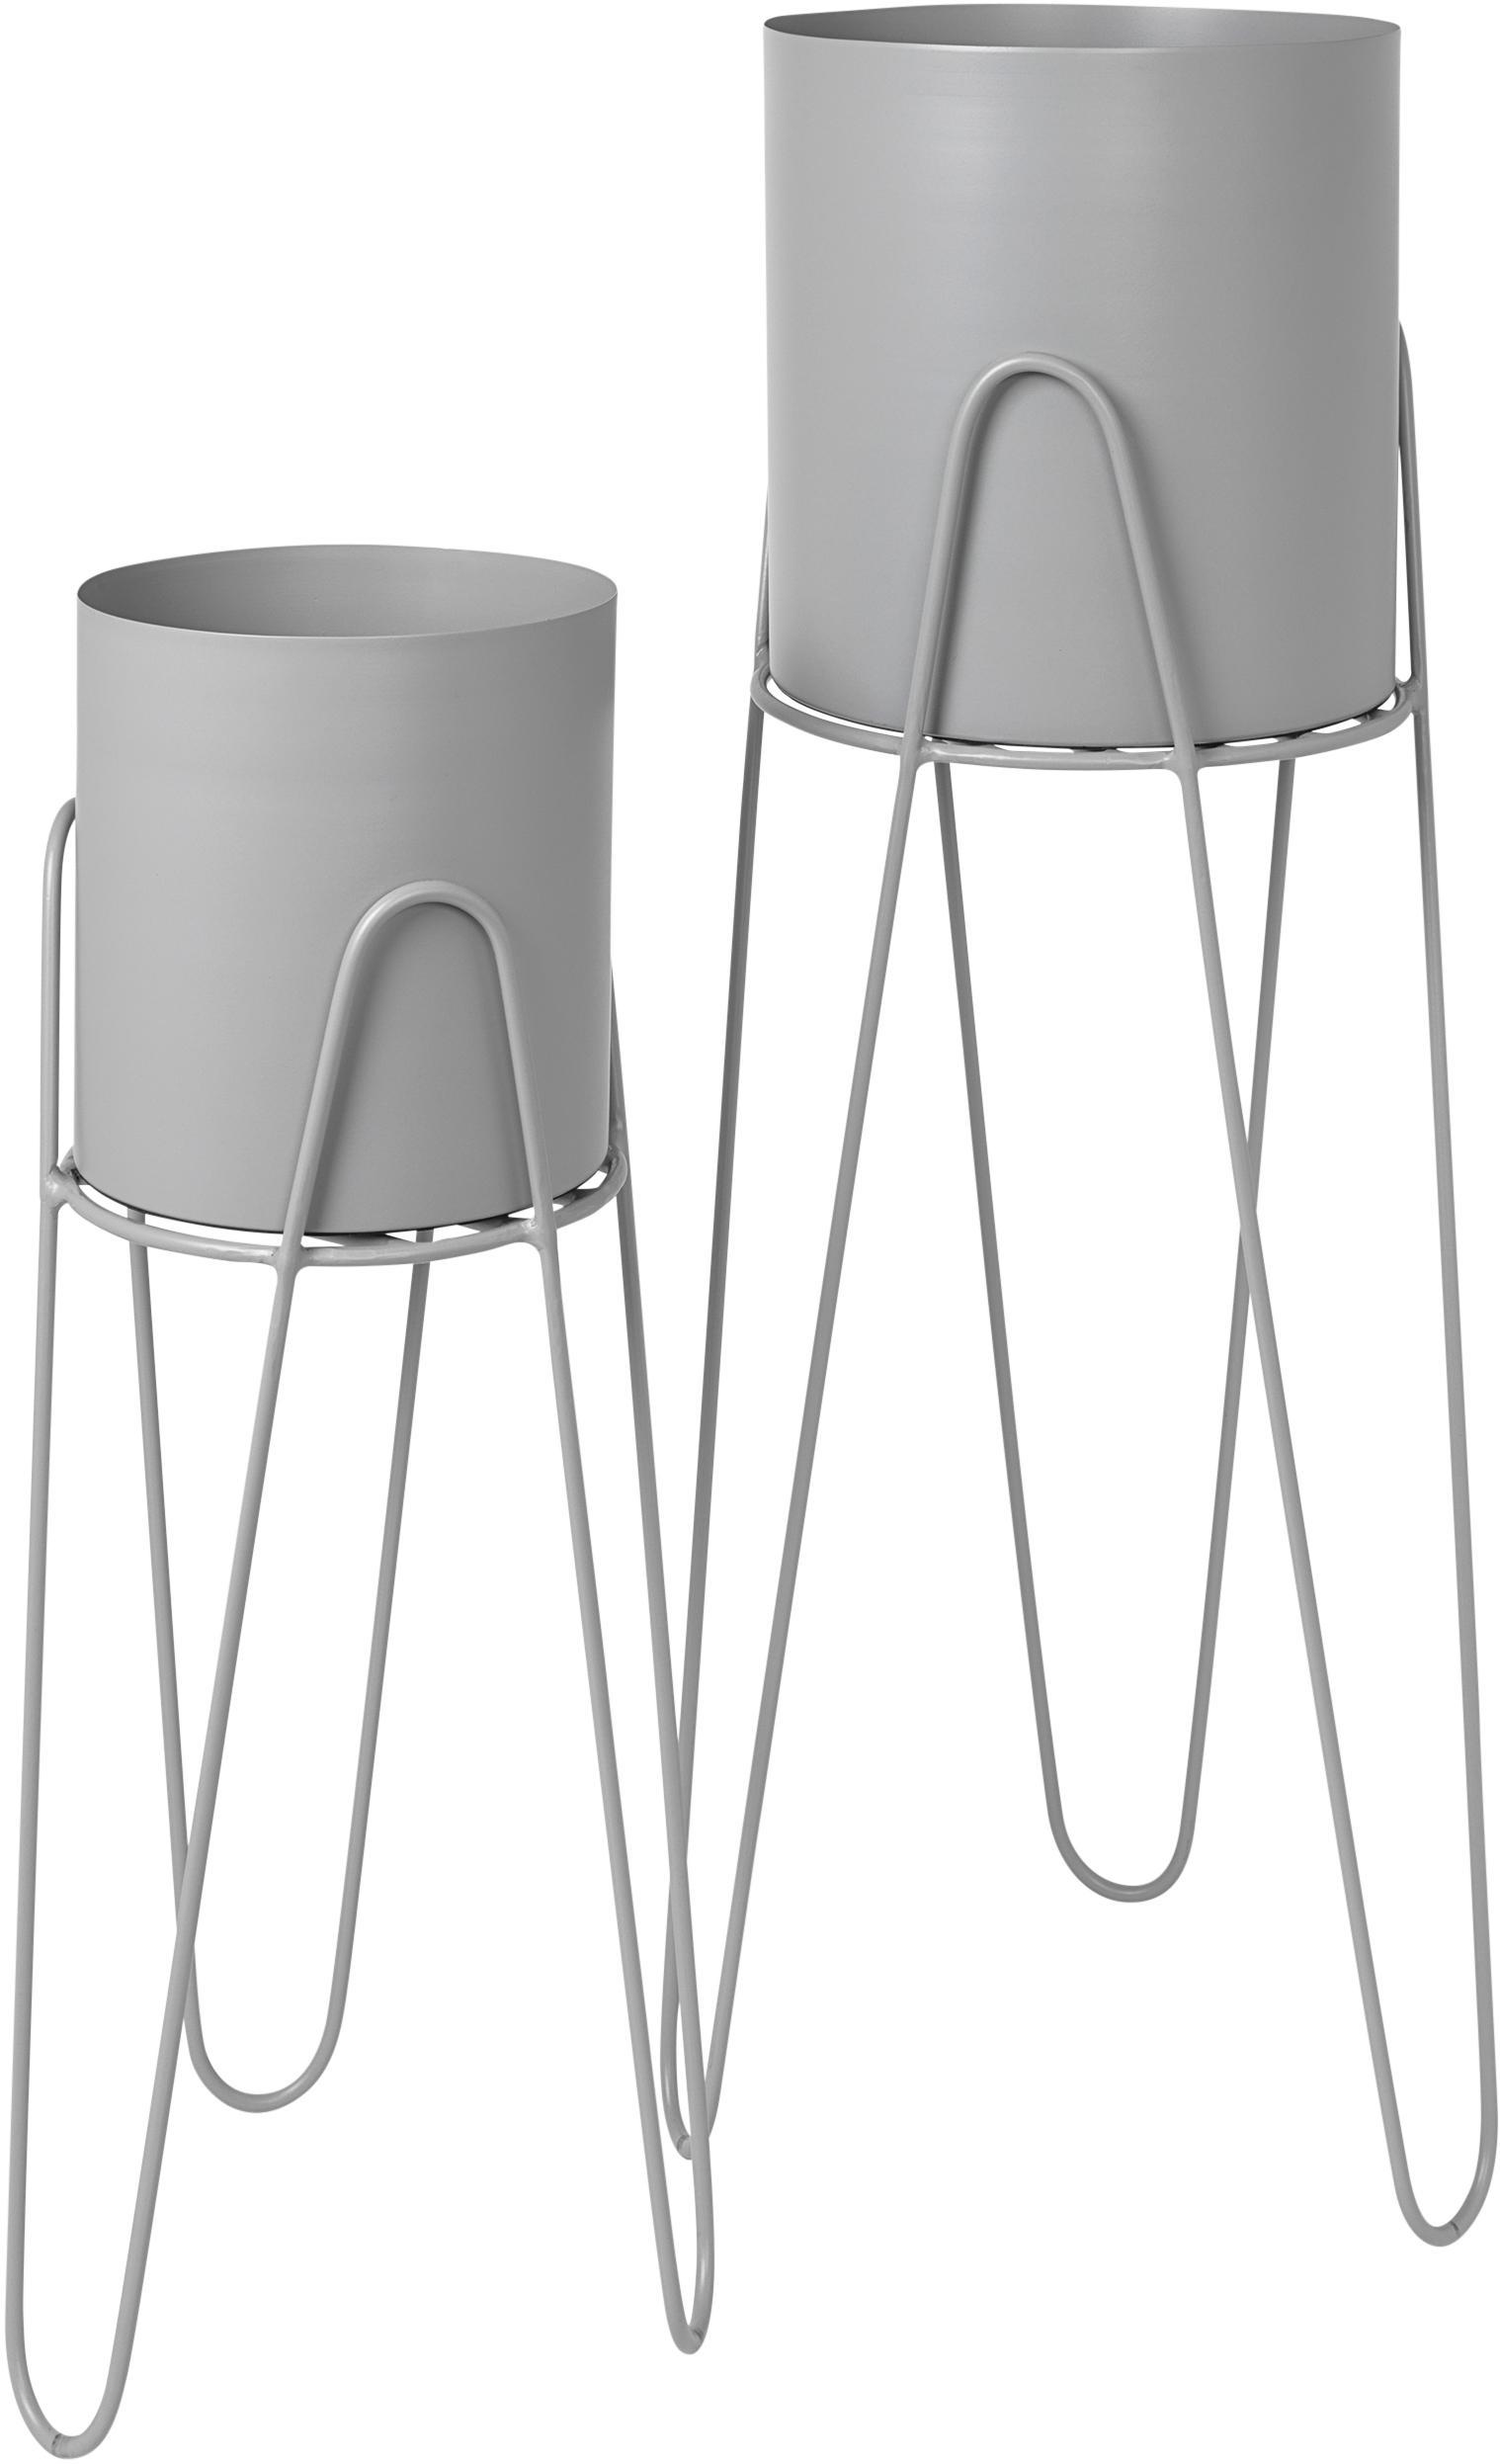 Übertopf-Set Lisa aus Metall, 2-tlg., Metall, Hellgrau, Set mit verschiedenen Grössen